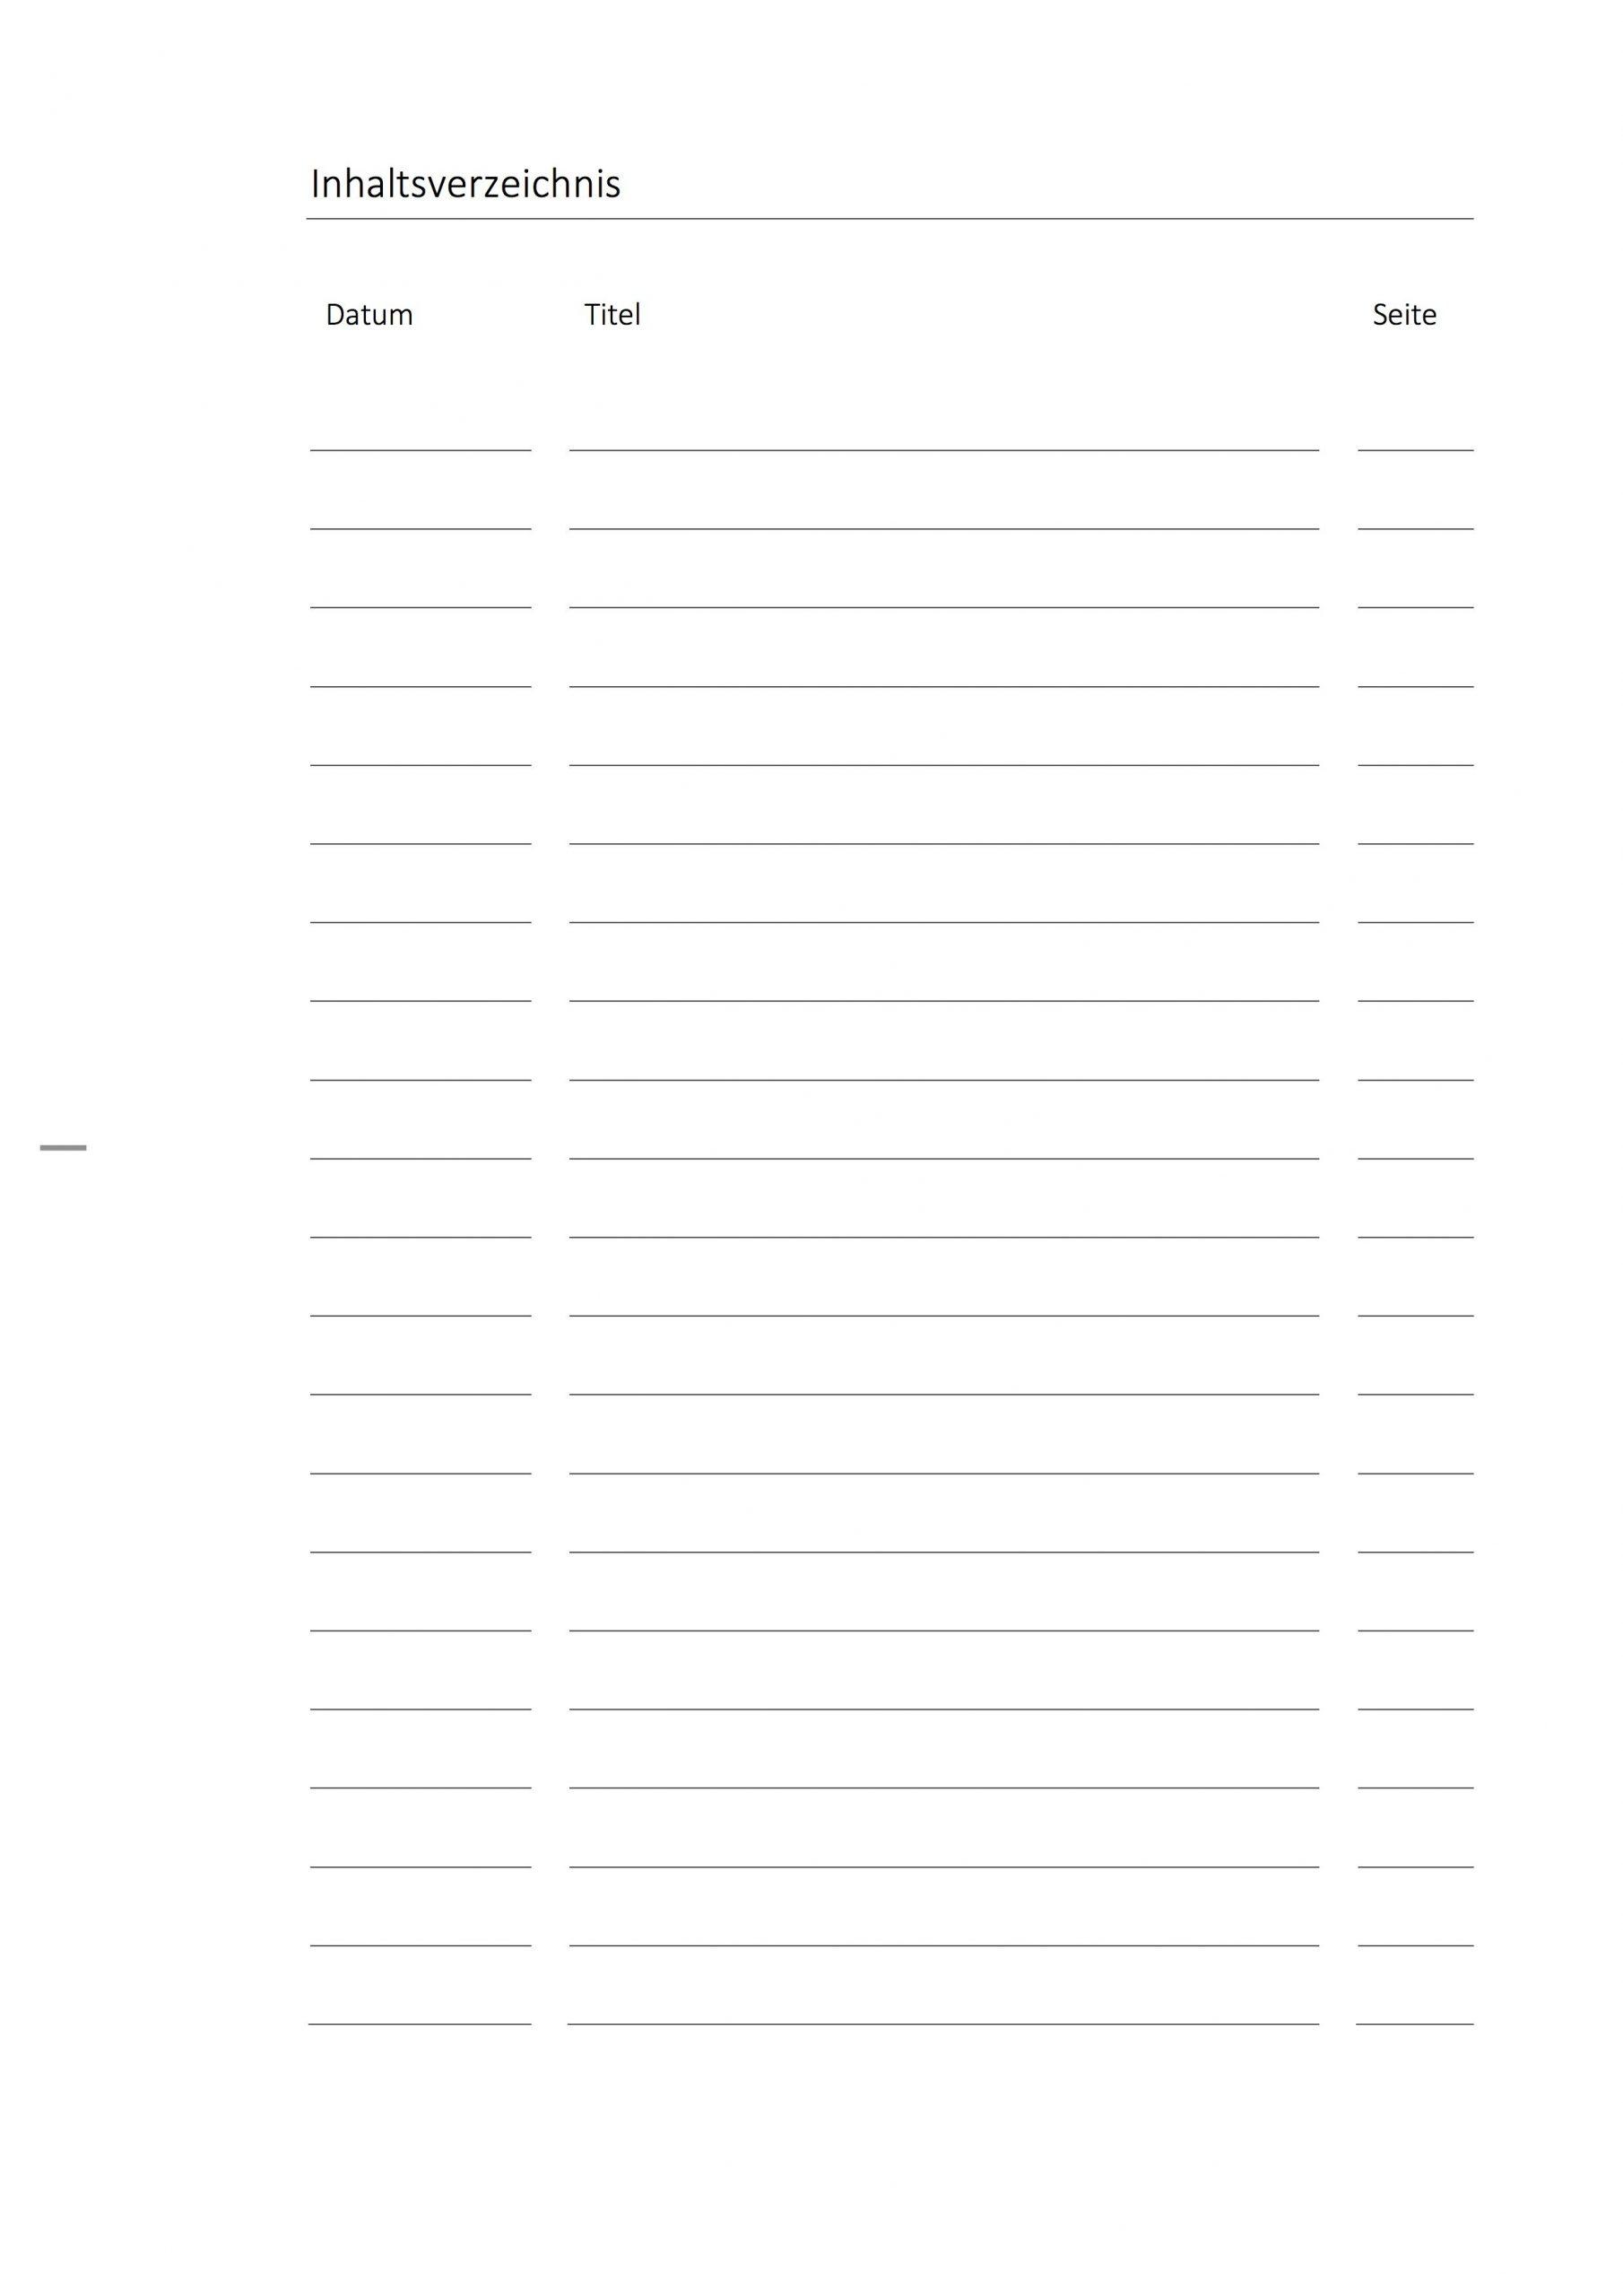 Deckblatt-Paket Biologie Mit Inhaltsverzeichnis innen Inhaltsverzeichnis Vorlage Word Zum Ausdrucken